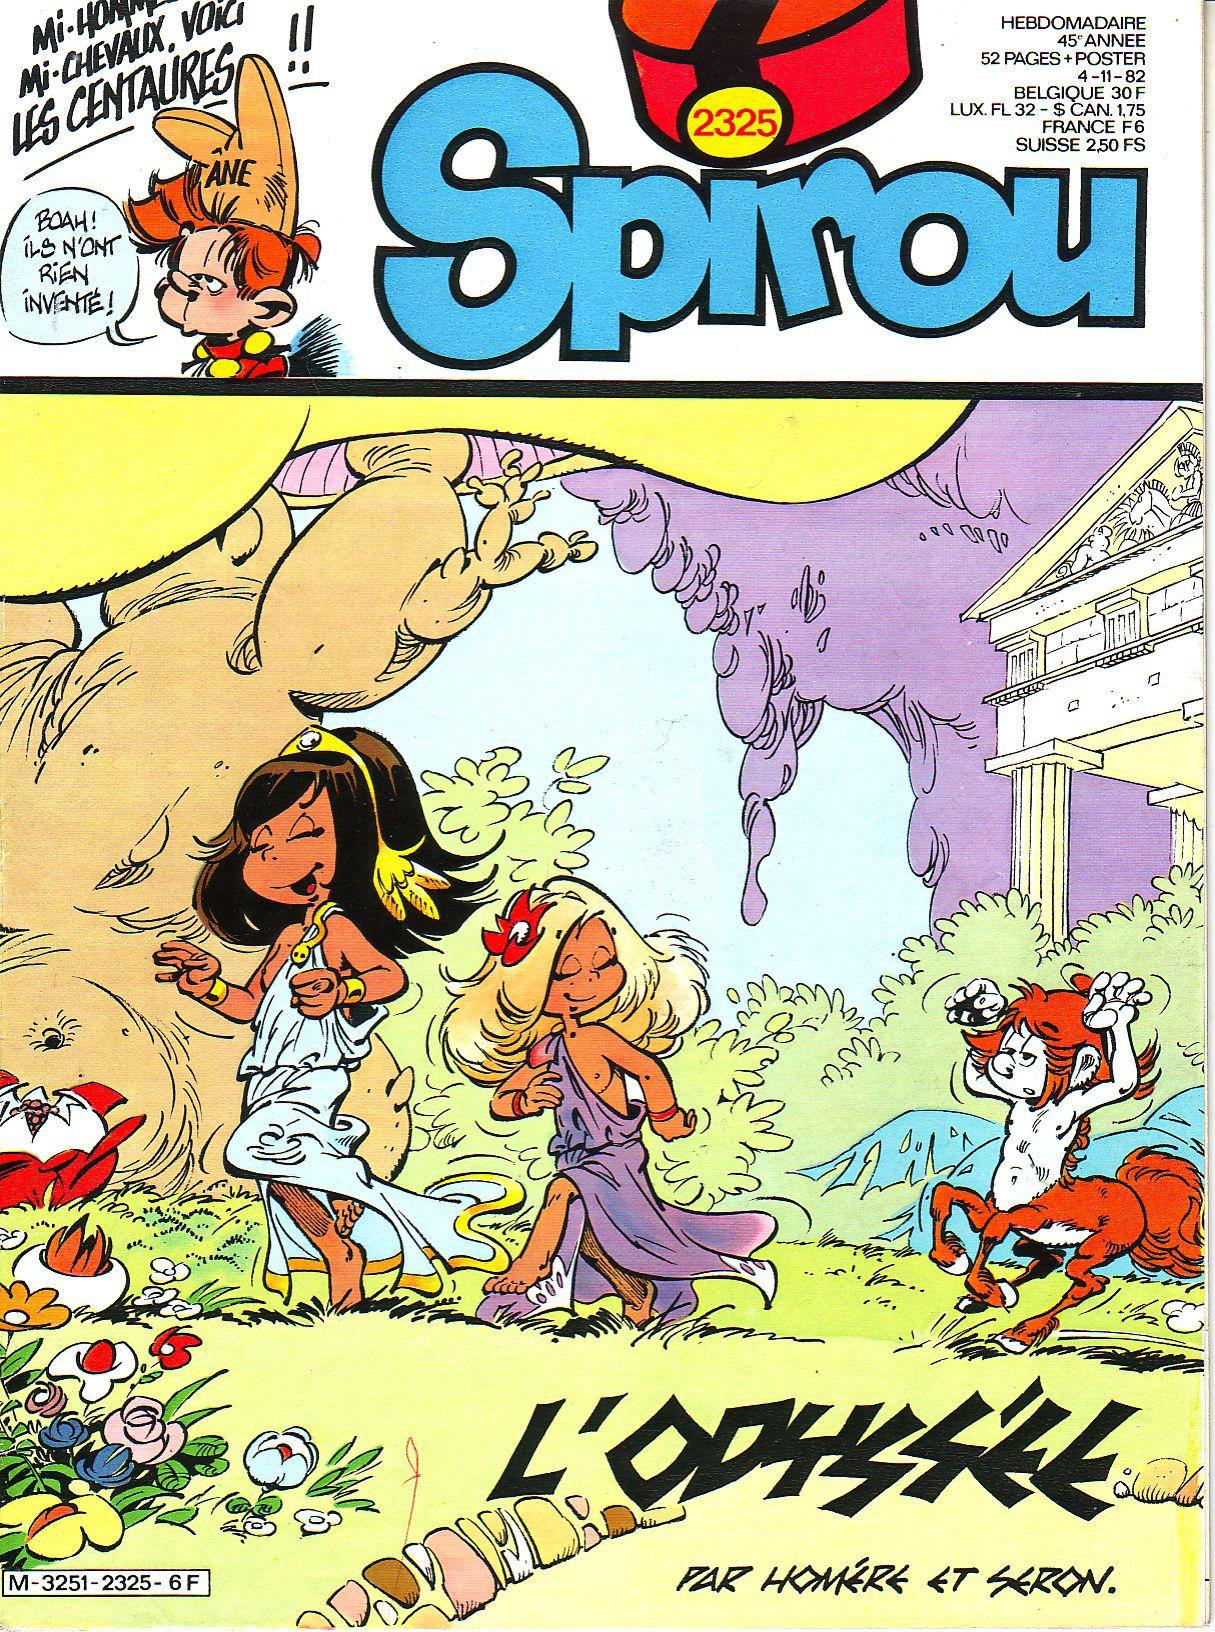 Le journal de Spirou 2325